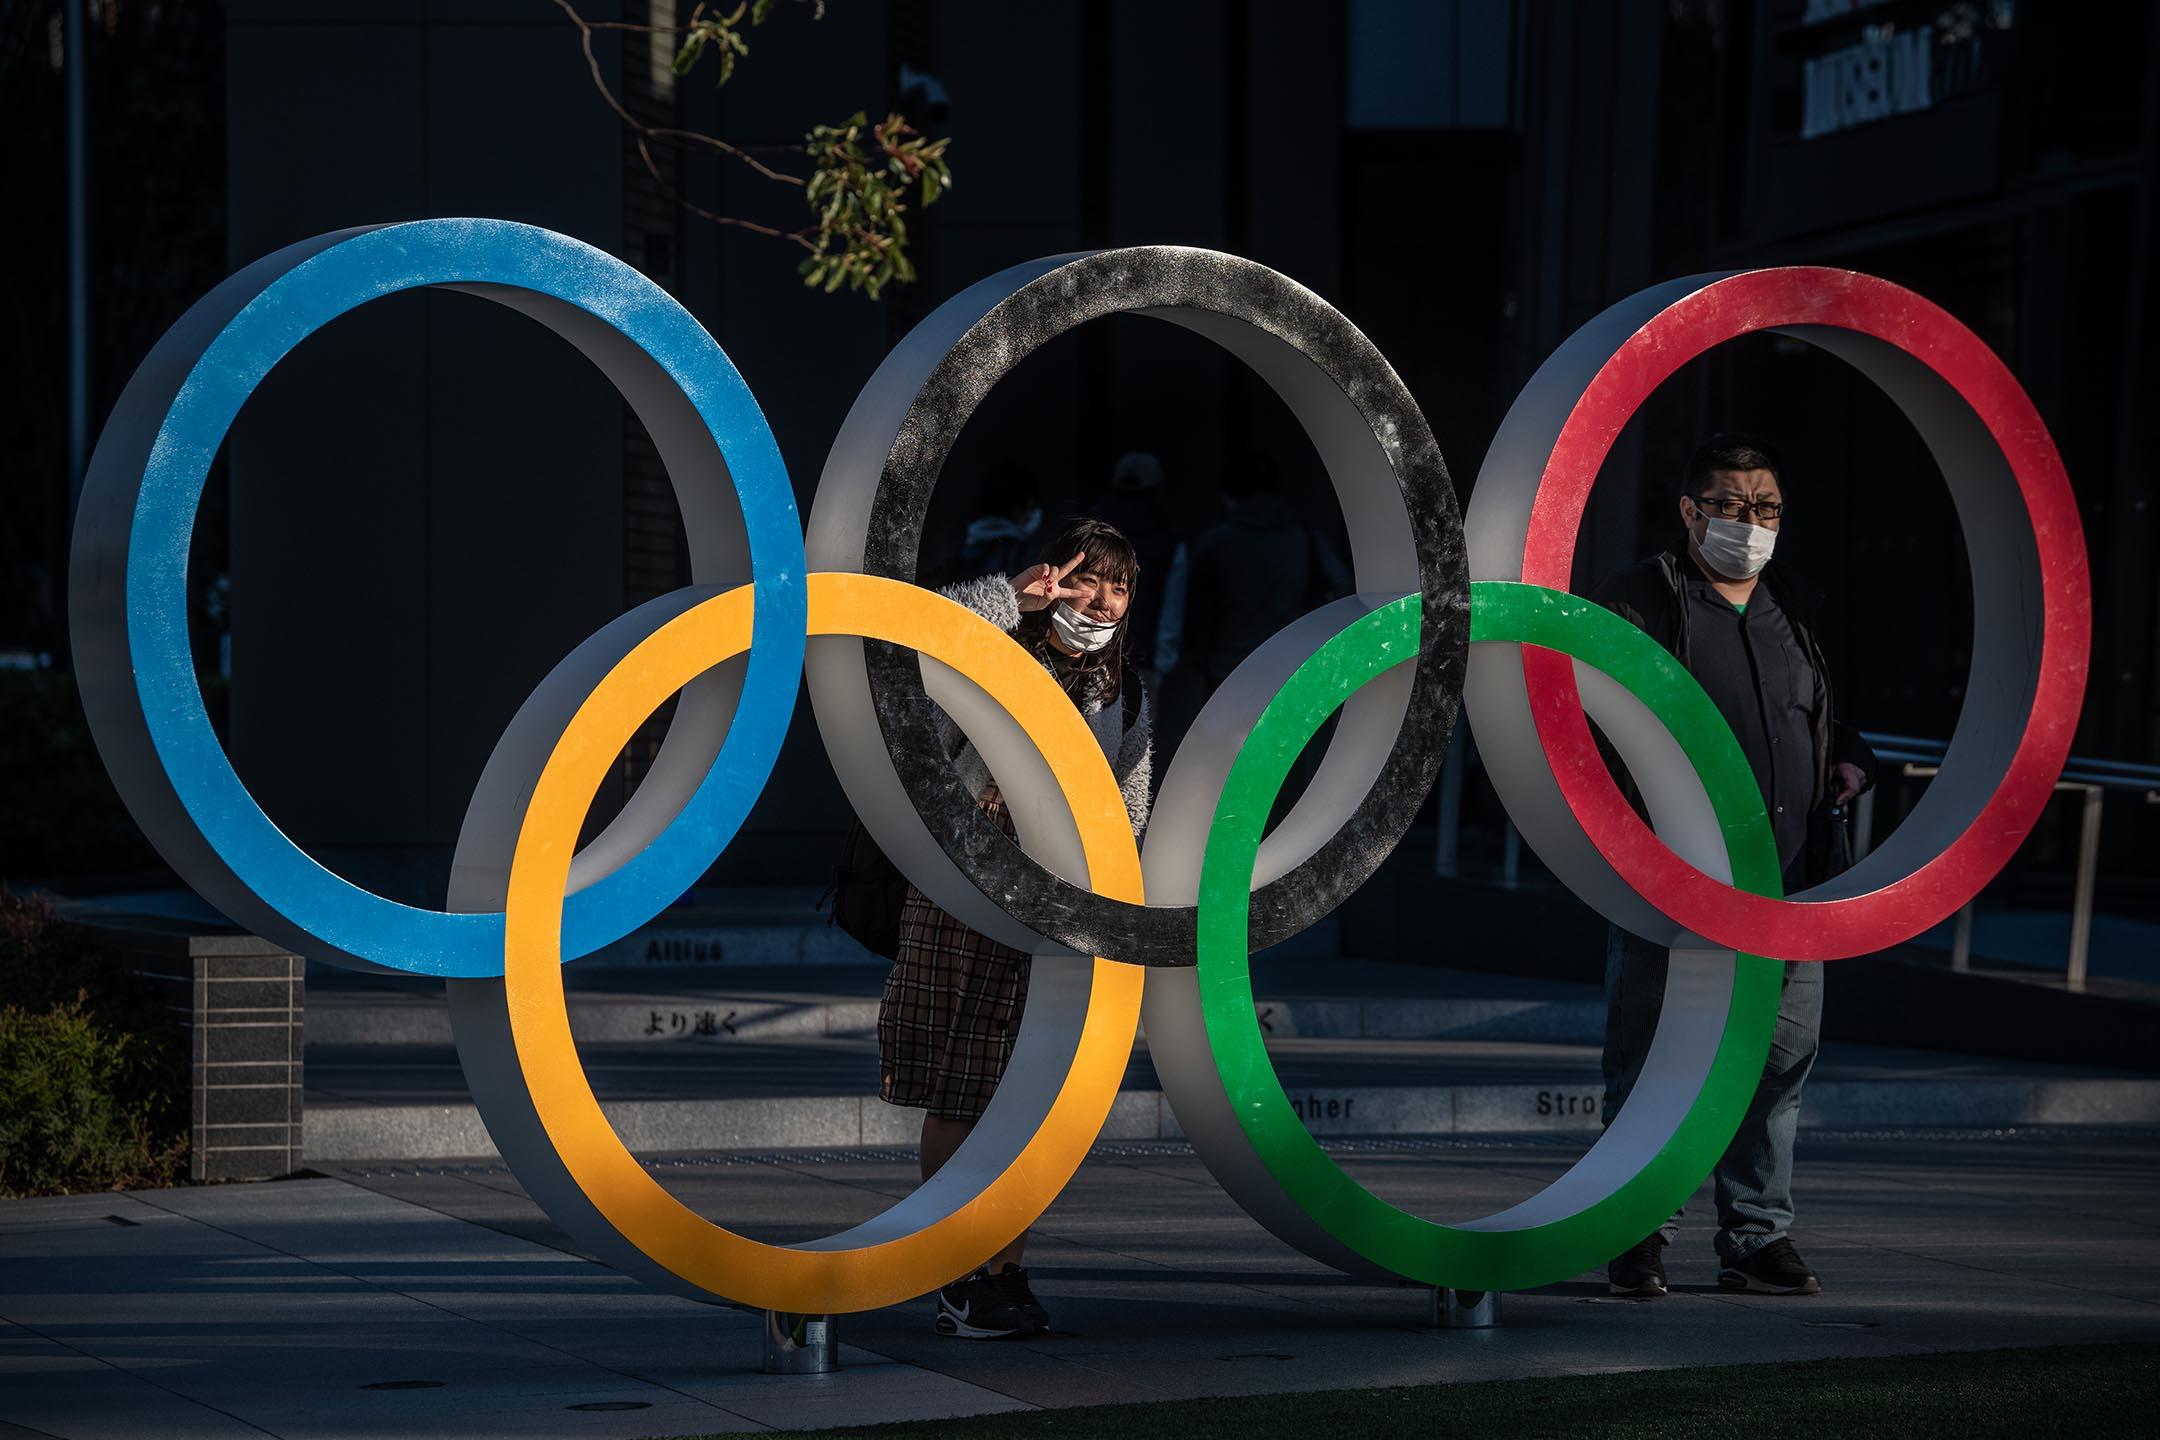 2020年3月24日日本東京,戴著口罩的人們在奧運五環旁拍照。 攝:Carl Court/Getty Images